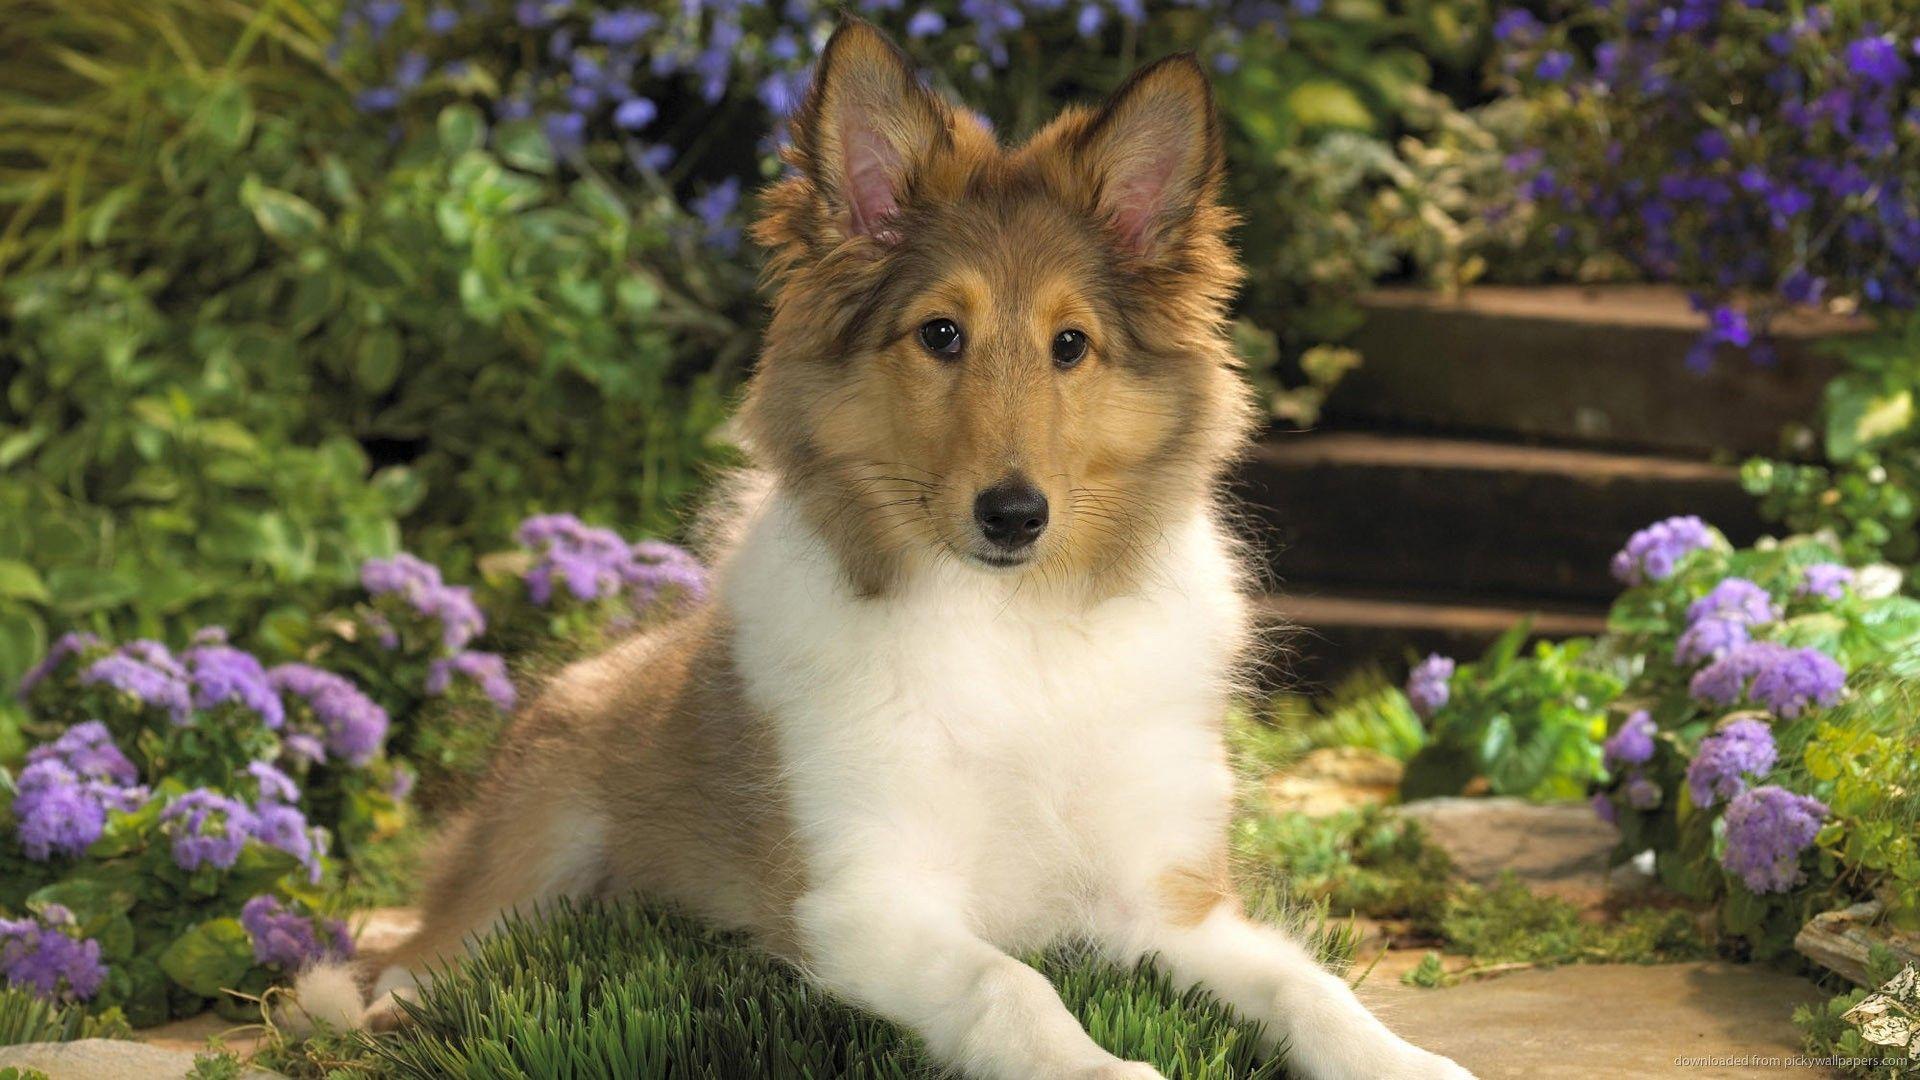 Shetland Sheepdog Wallpaper Sheltie Puppy Sheltie Puppies For Sale Sheltie Dogs